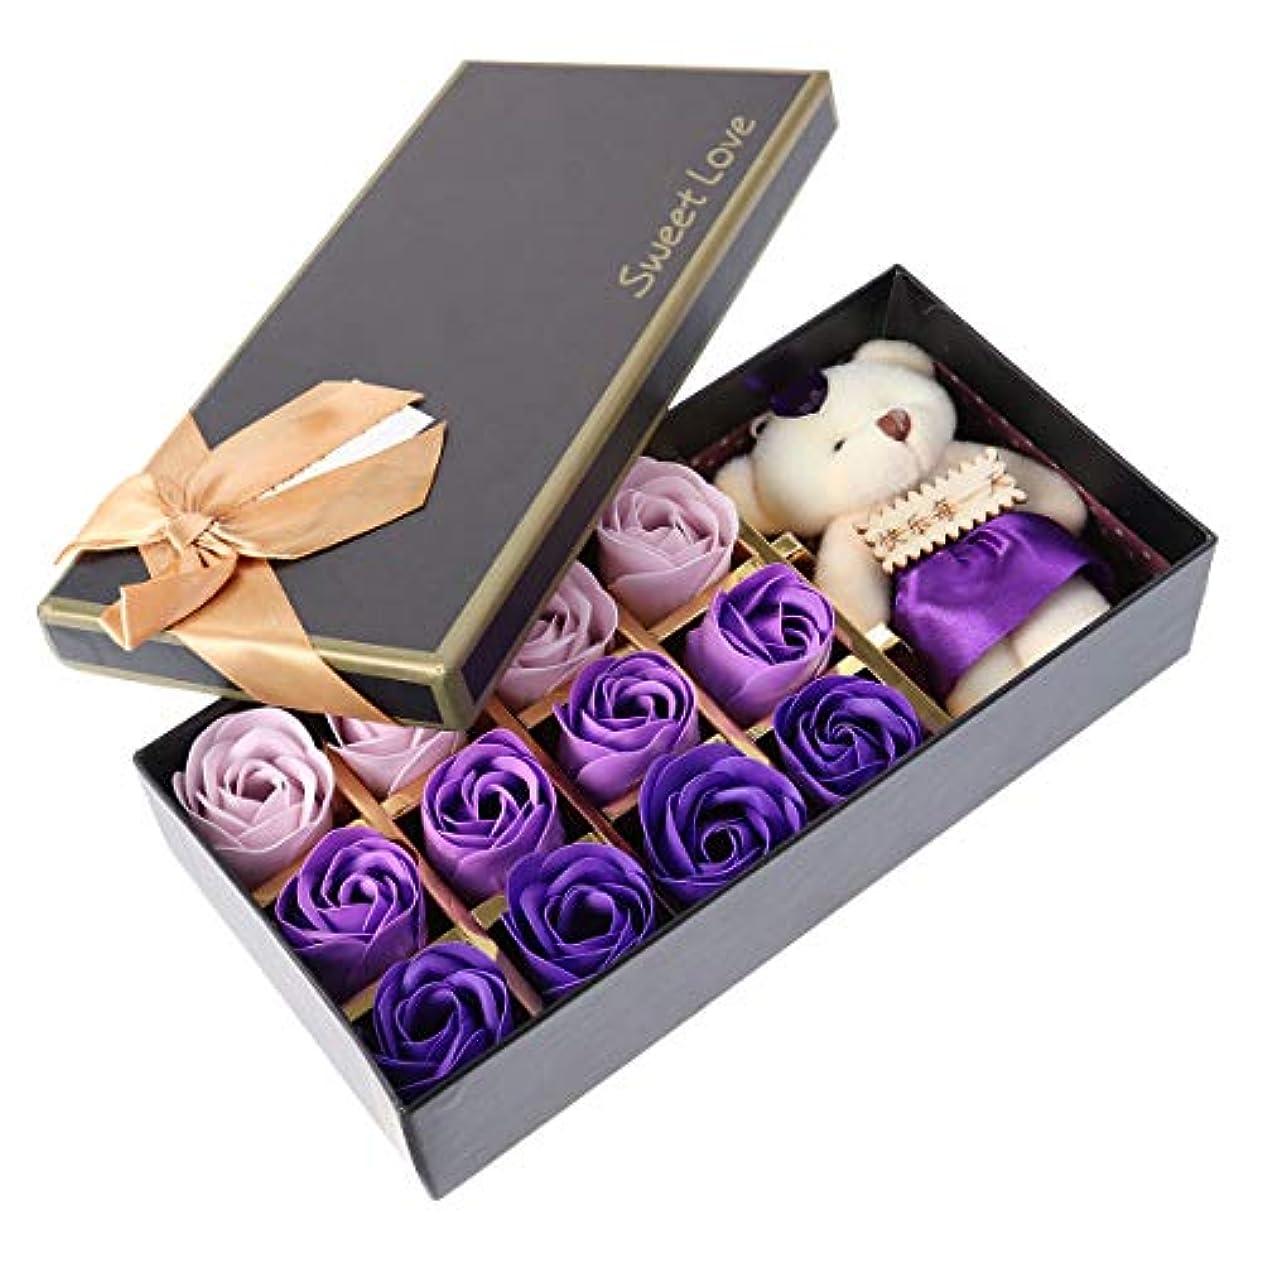 くすぐったい報酬スラッシュBeaupretty バレンタインデーの結婚式の誕生日プレゼントのための小さなクマとバラの石鹸の花